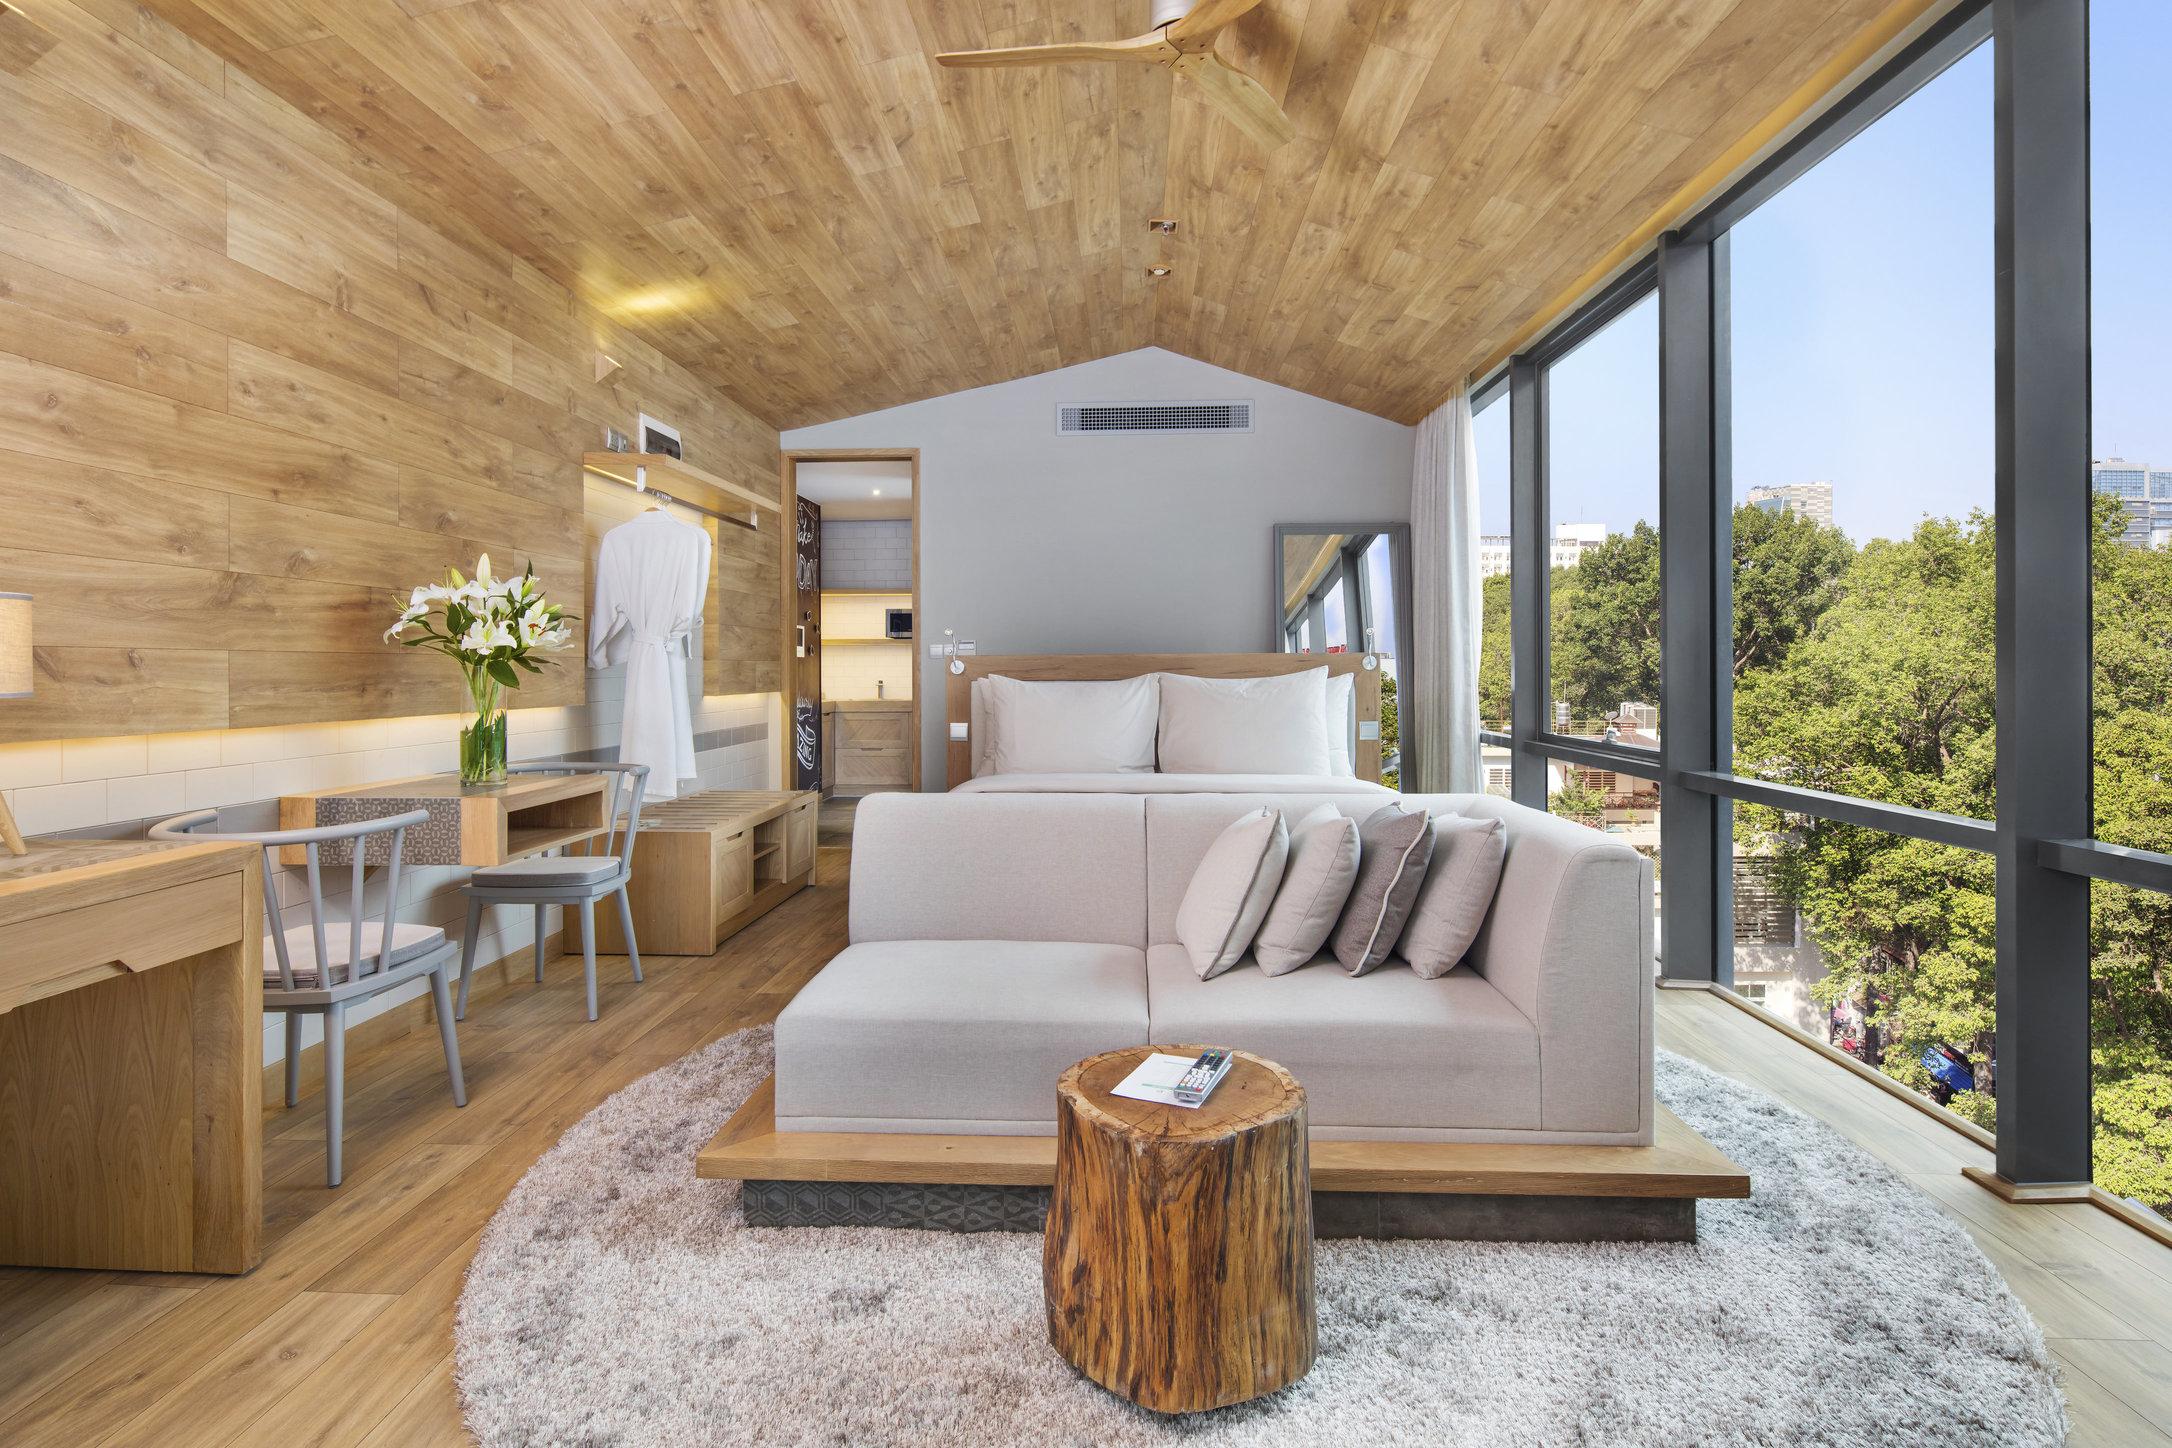 bộ sofa khách sạn fusion sài gòn